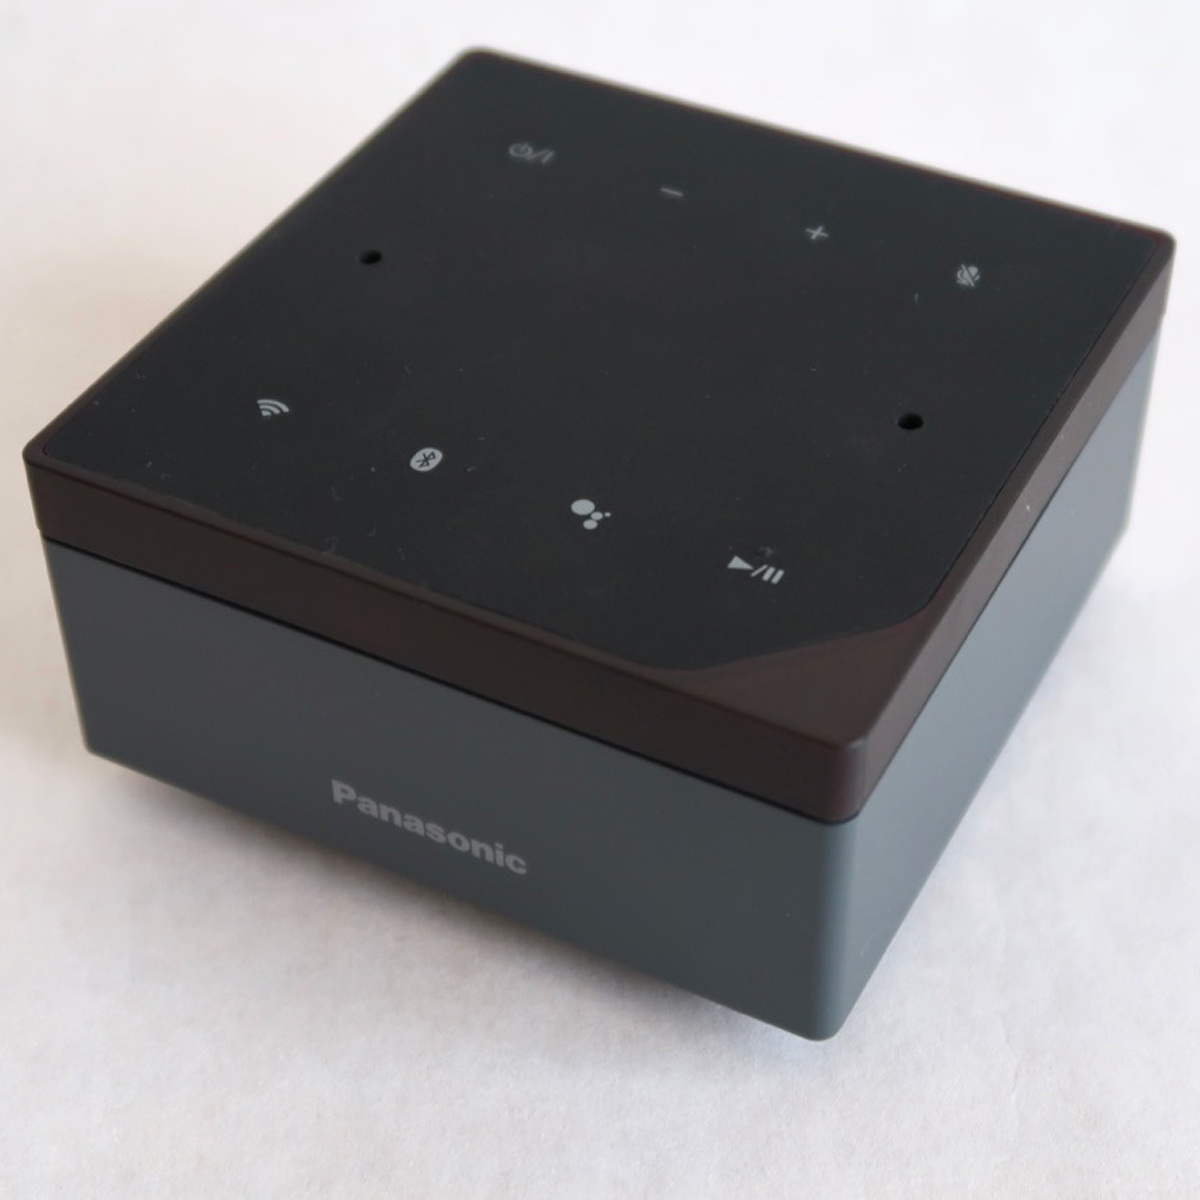 家電のリモコンを束ねるスマートスピーカー パナソニック「コエリモ SC-GA1」の実用度は?